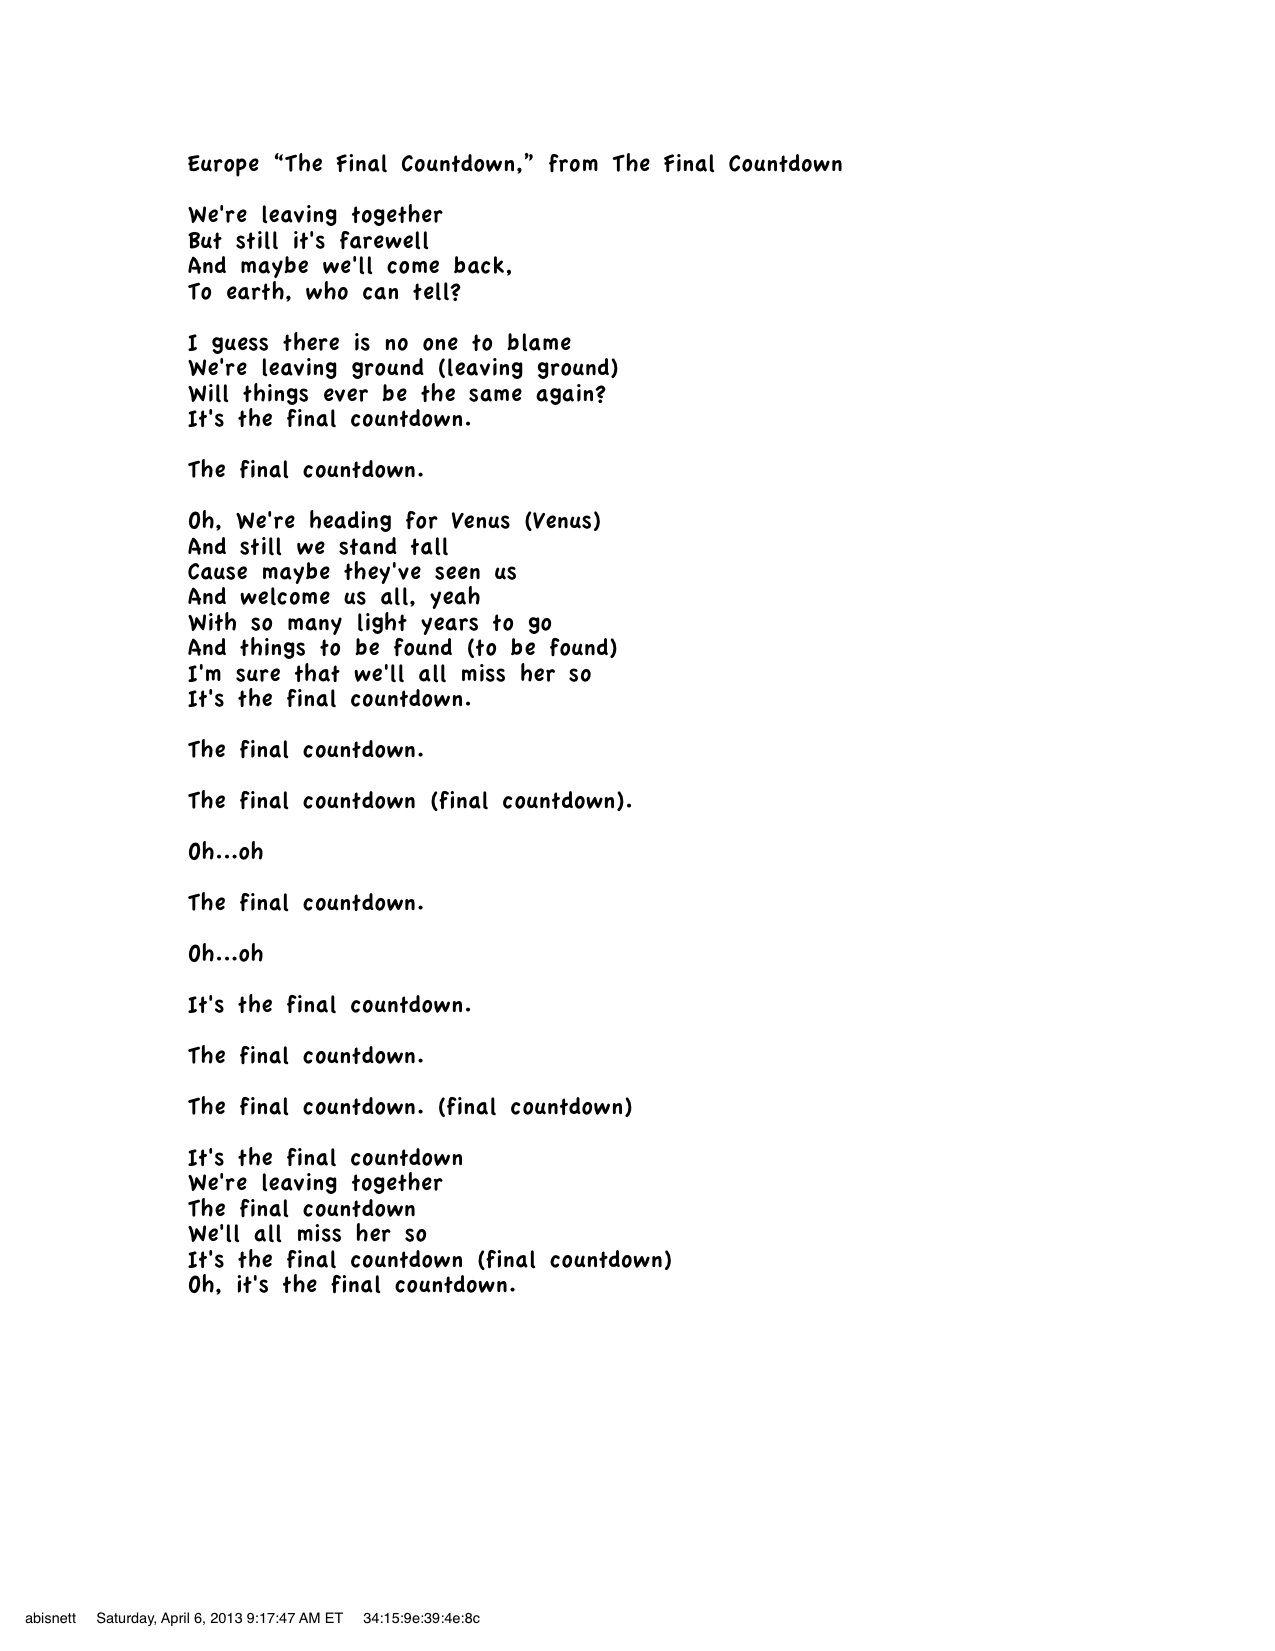 Europe - The Final Countdown Lyrics | MetroLyrics